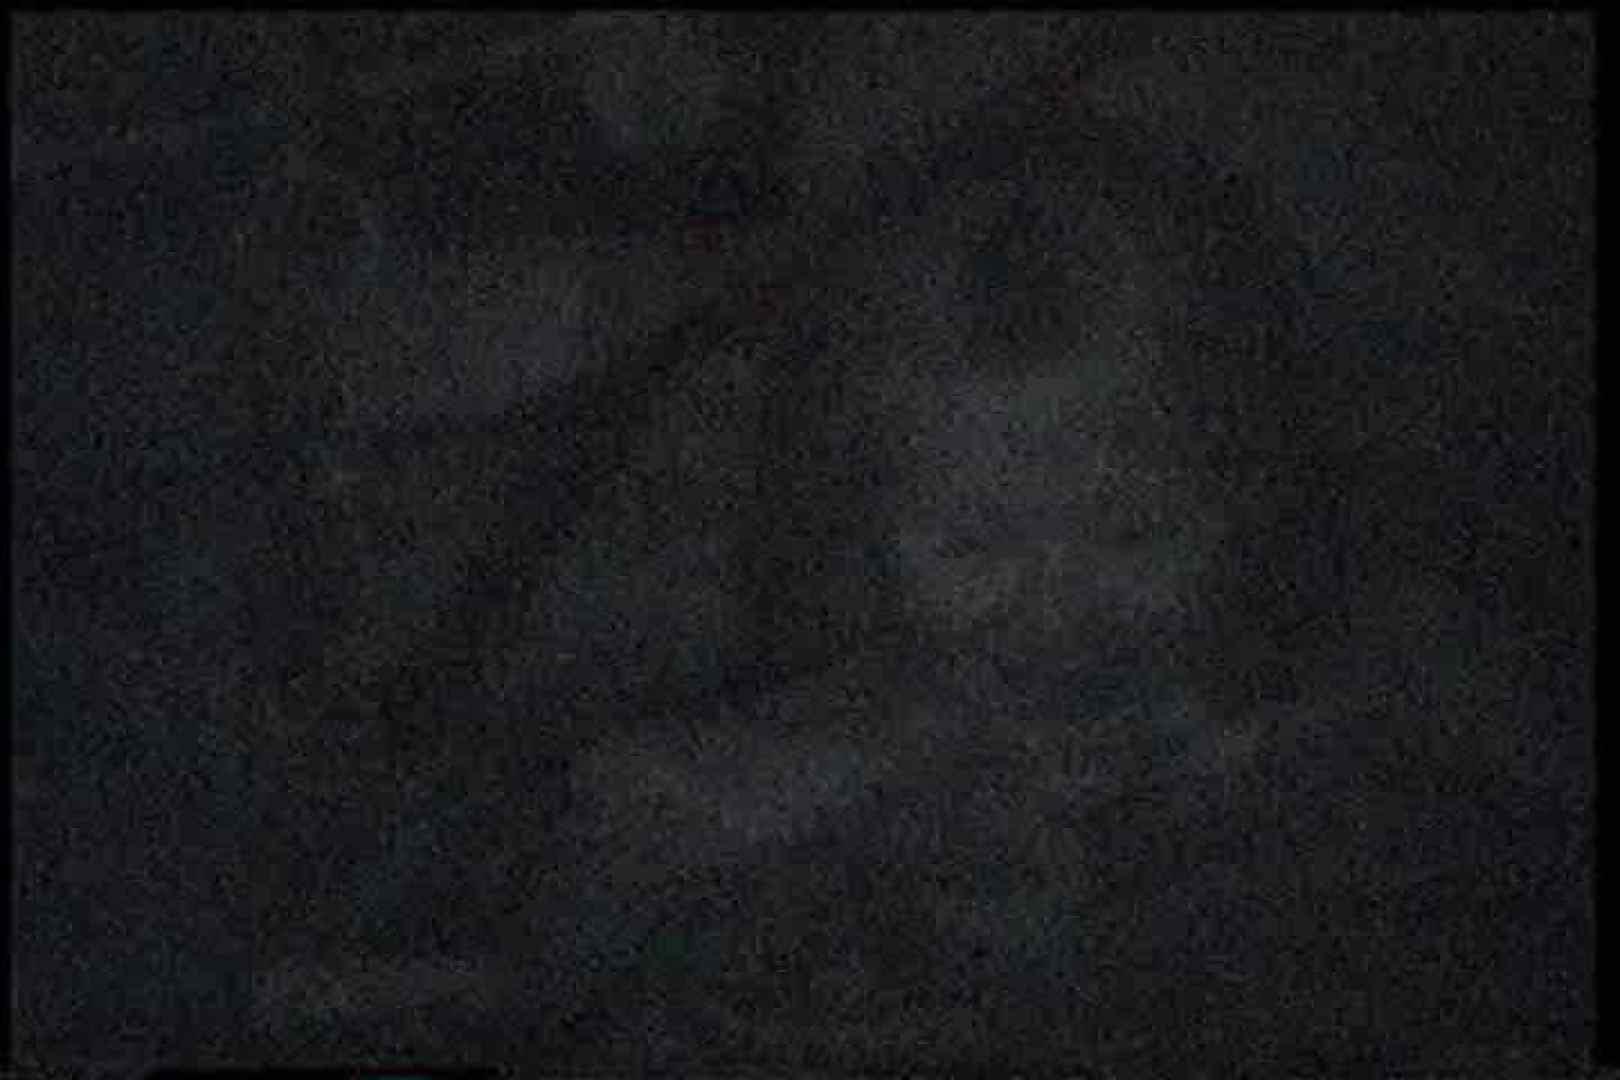 充血監督の深夜の運動会Vol.164 カーセックス AV無料動画キャプチャ 81PIX 64